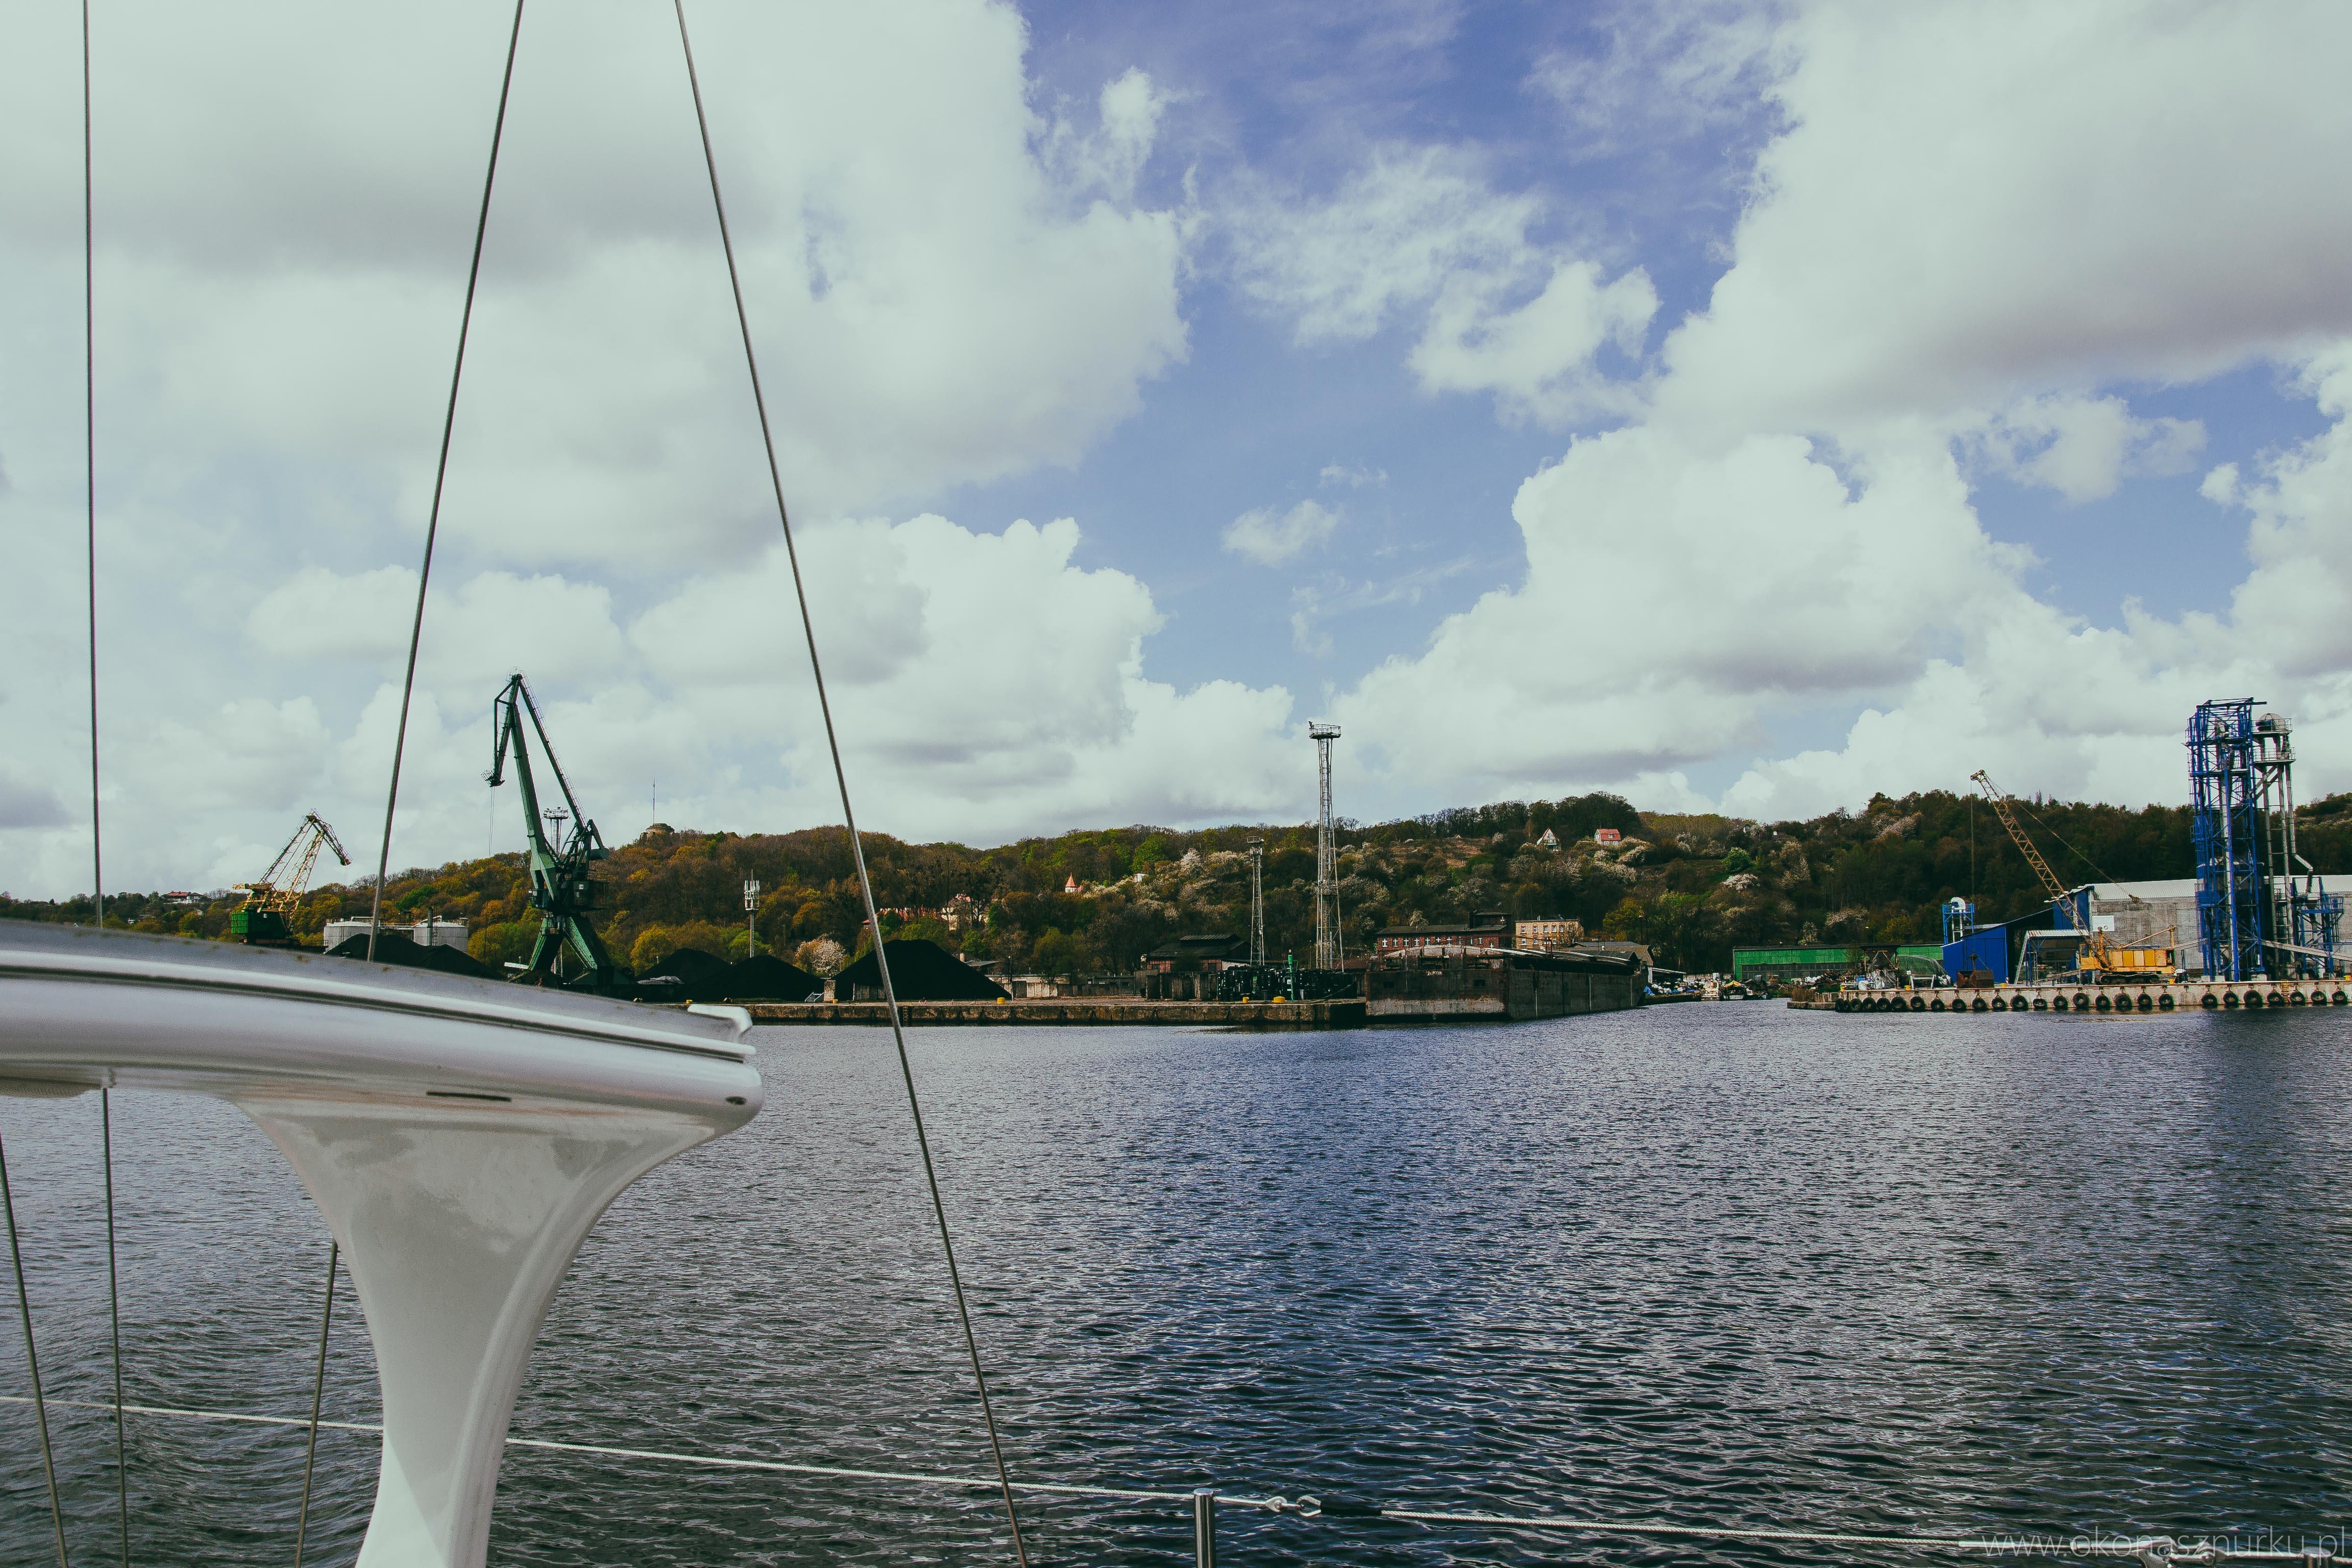 marina-jacht-wyprawy-morskie-silesia-szczecin-goclaw-lubczyna (18)